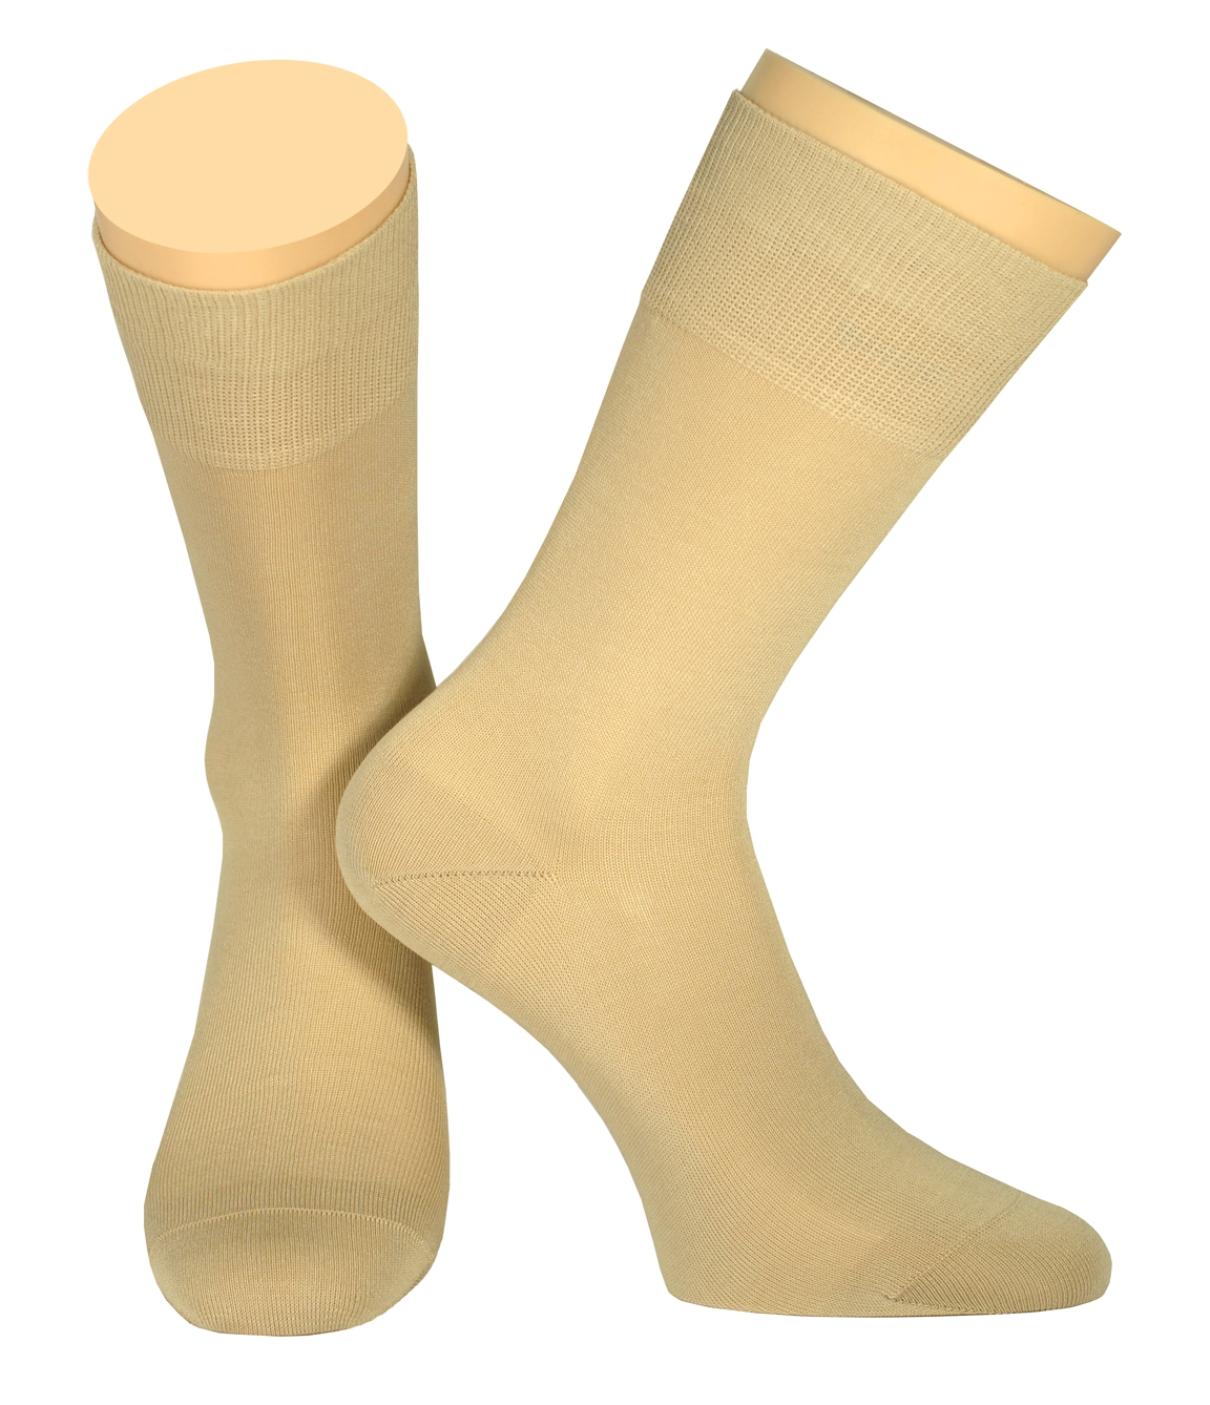 Носки мужские Collonil, цвет: бежевый. 141/04. Размер 42-43141/04Мужские носки Collonil изготовлены из мерсеризованного хлопка.Носки с удлиненным паголенком. Широкая резинка не сдавливает и комфортно облегает ногу.